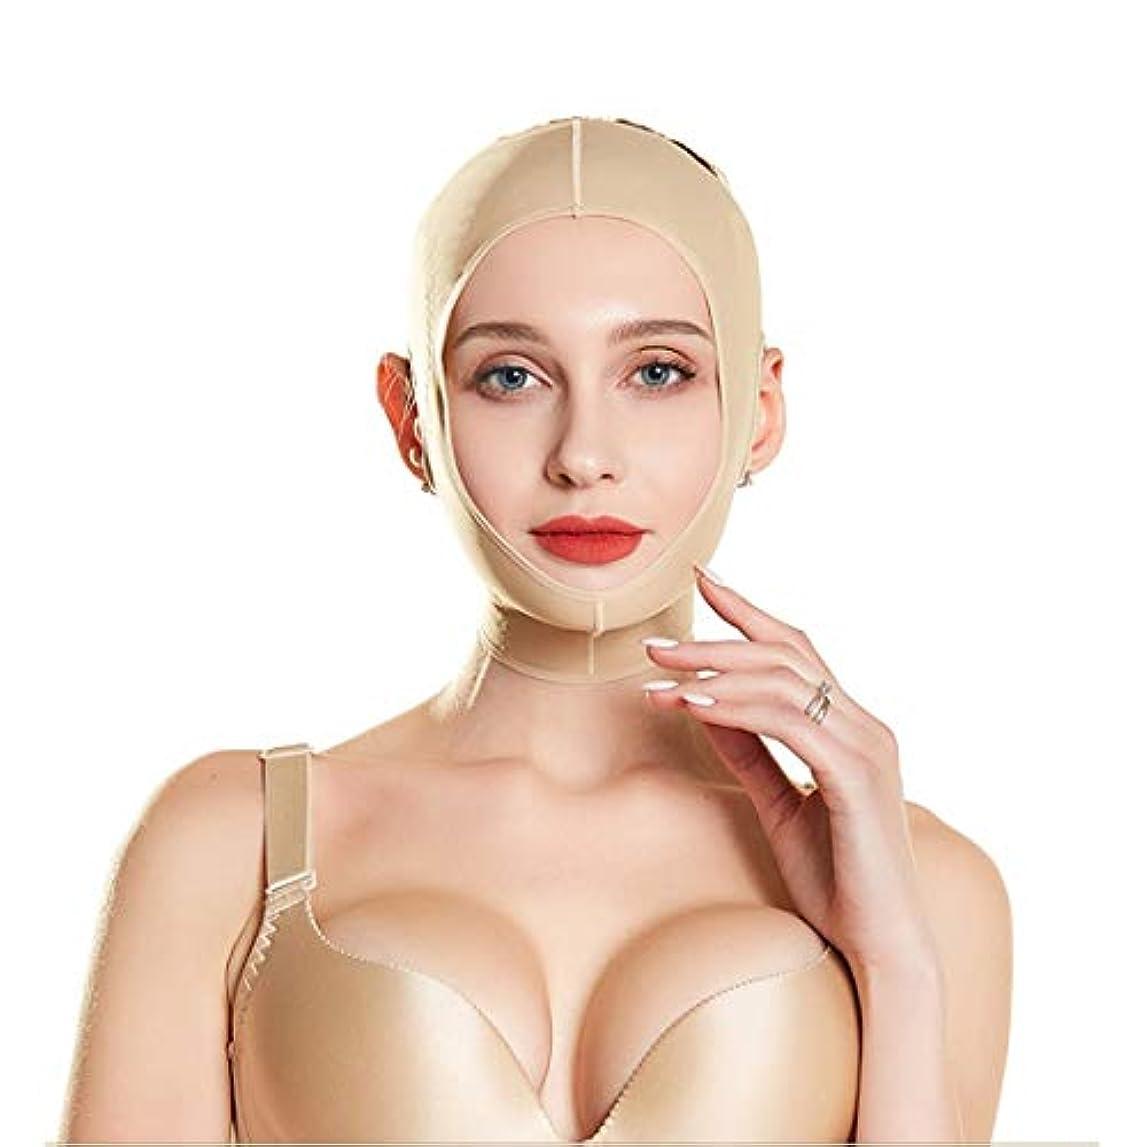 ボタン赤守銭奴ZWBD フェイスマスク, フェイスリフティング包帯医療美容スキンフェイスカービングスモールVフェイスアーティファクトシェーピングリフティングフェイスカービングセットフェイスマスク美容フェードシワ (Size : M)